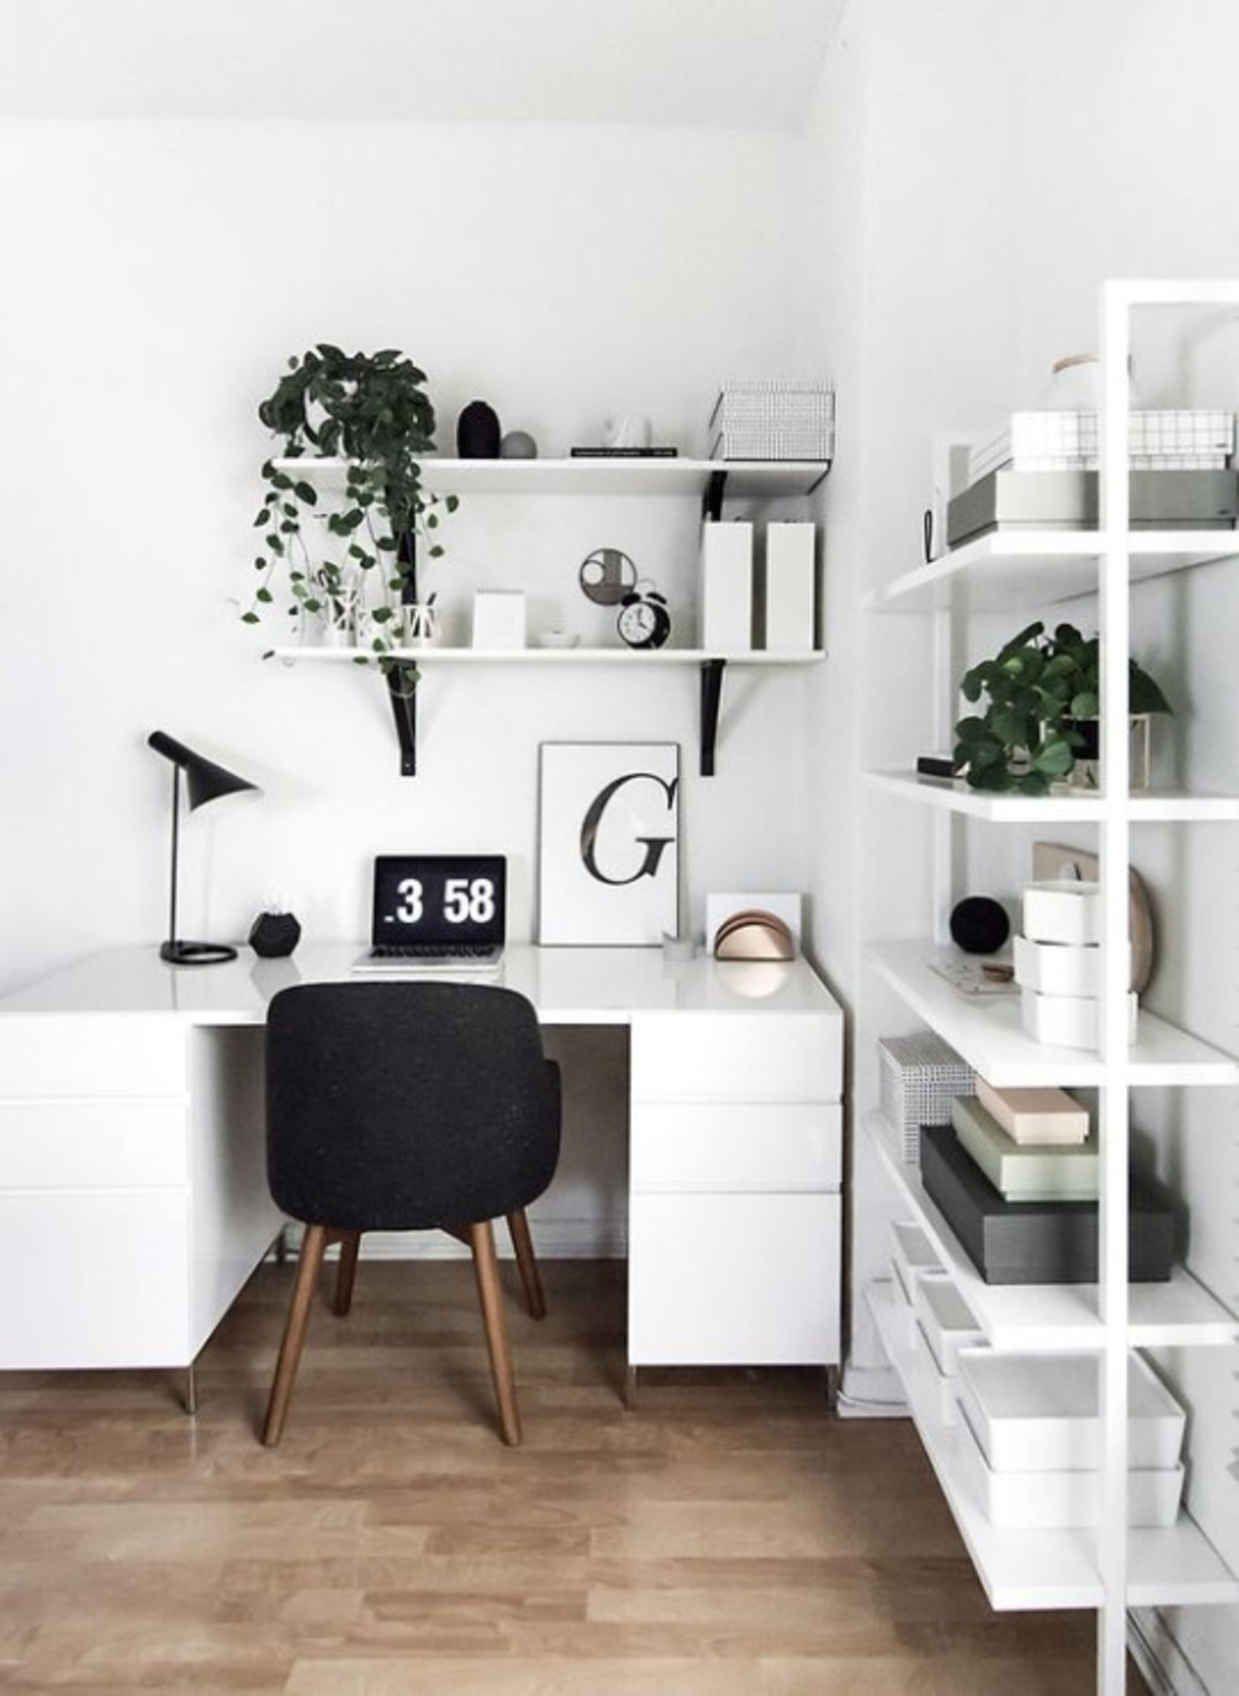 Minimal Interior Design Inspiration #62 | Interior design ...